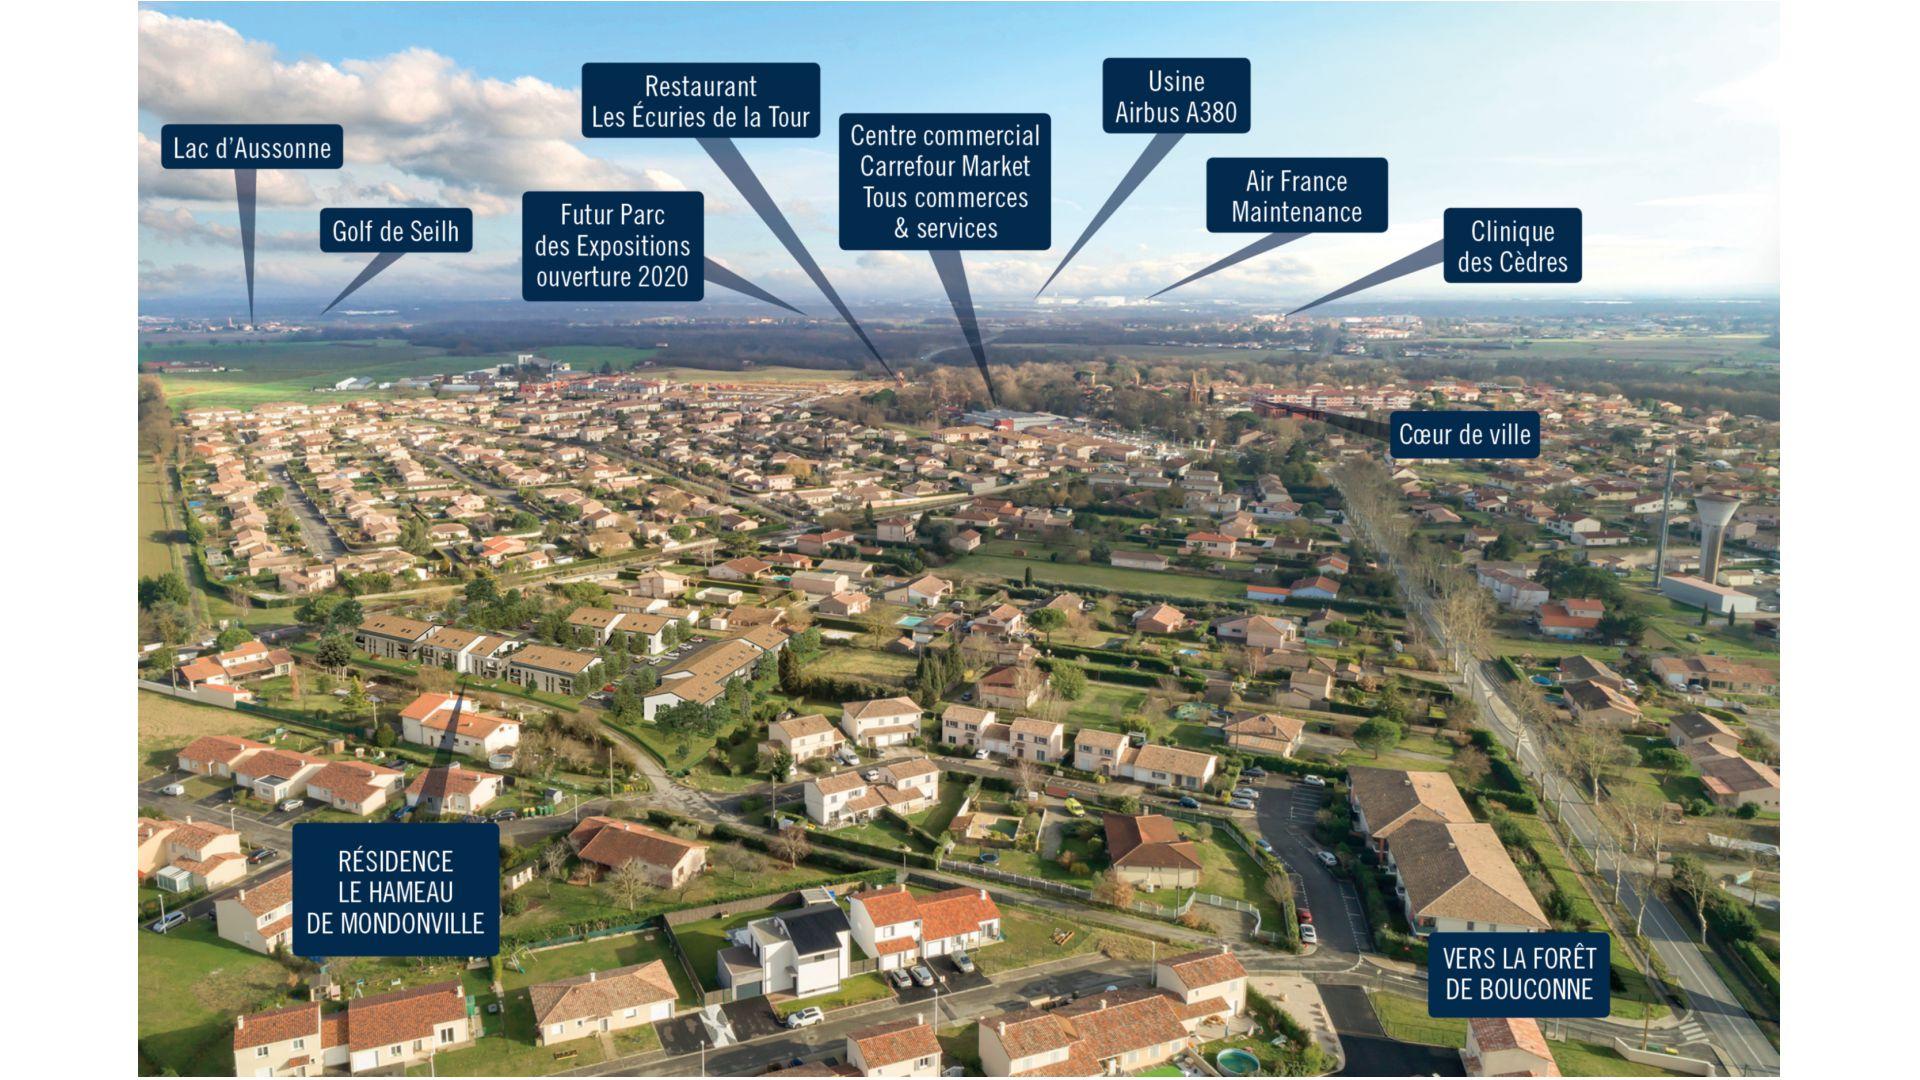 GreenCity immobilier - Mondonville - Le Hameau de Mondonville appartements du T2 au T4 - Le Hameau de Mondonville 31700 - vue paysagère